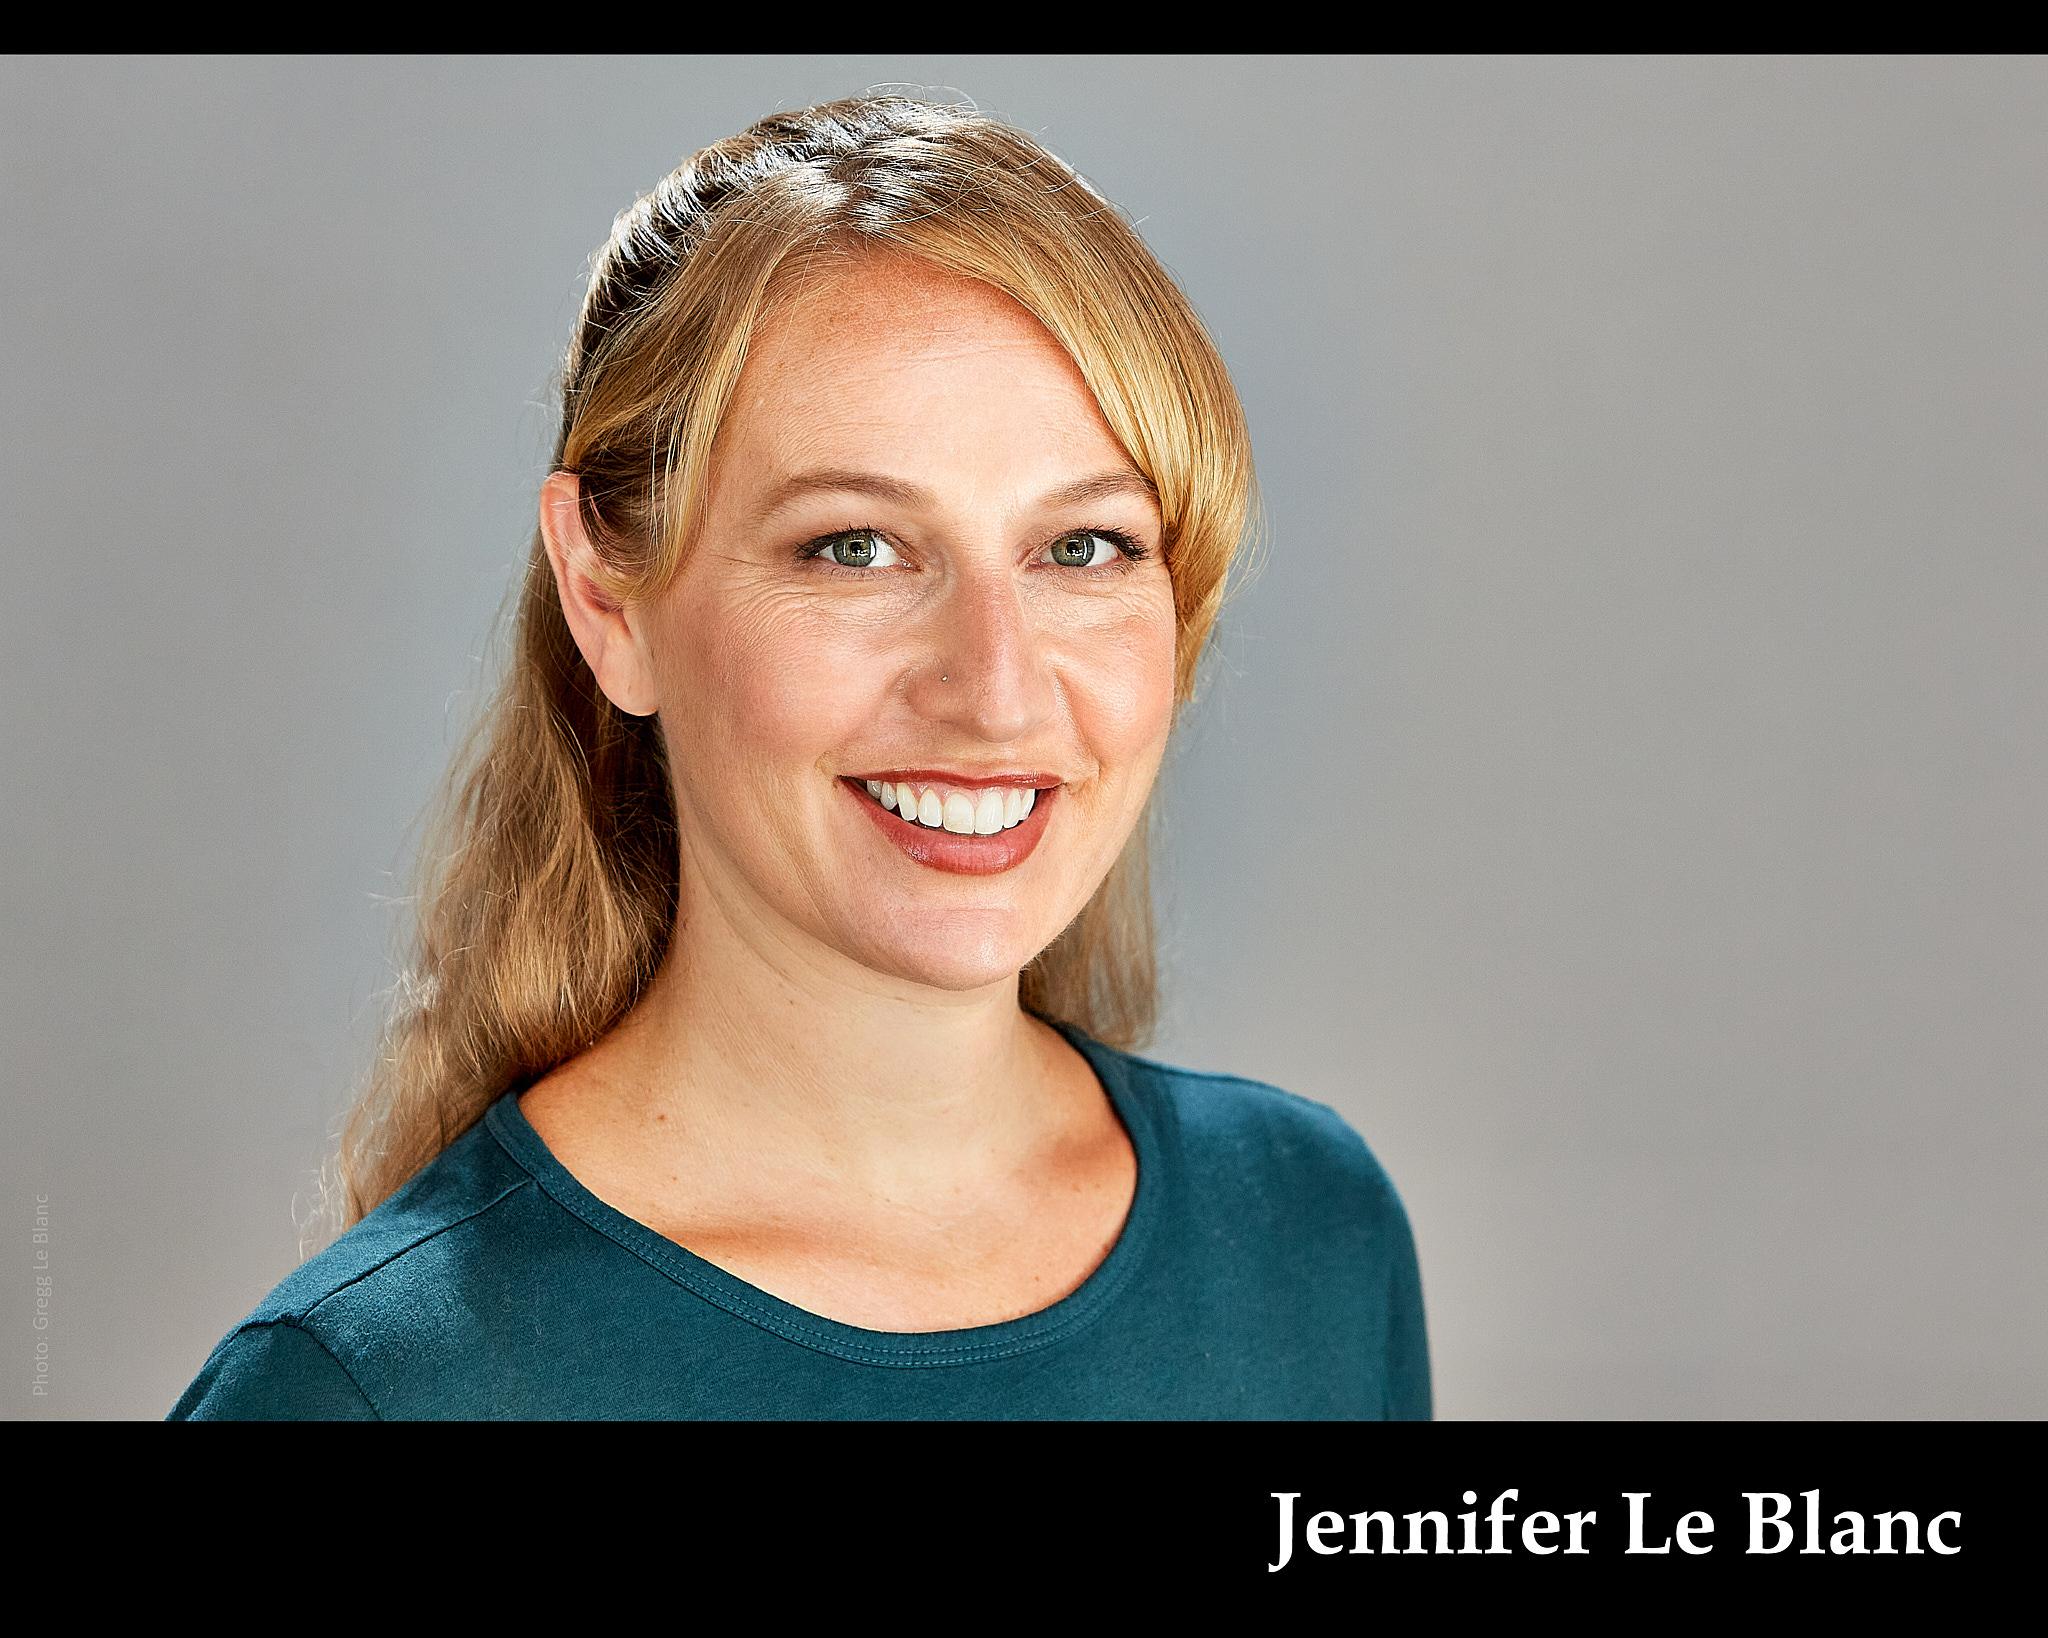 Jennifer Le Blanc - headshot (Full Size)